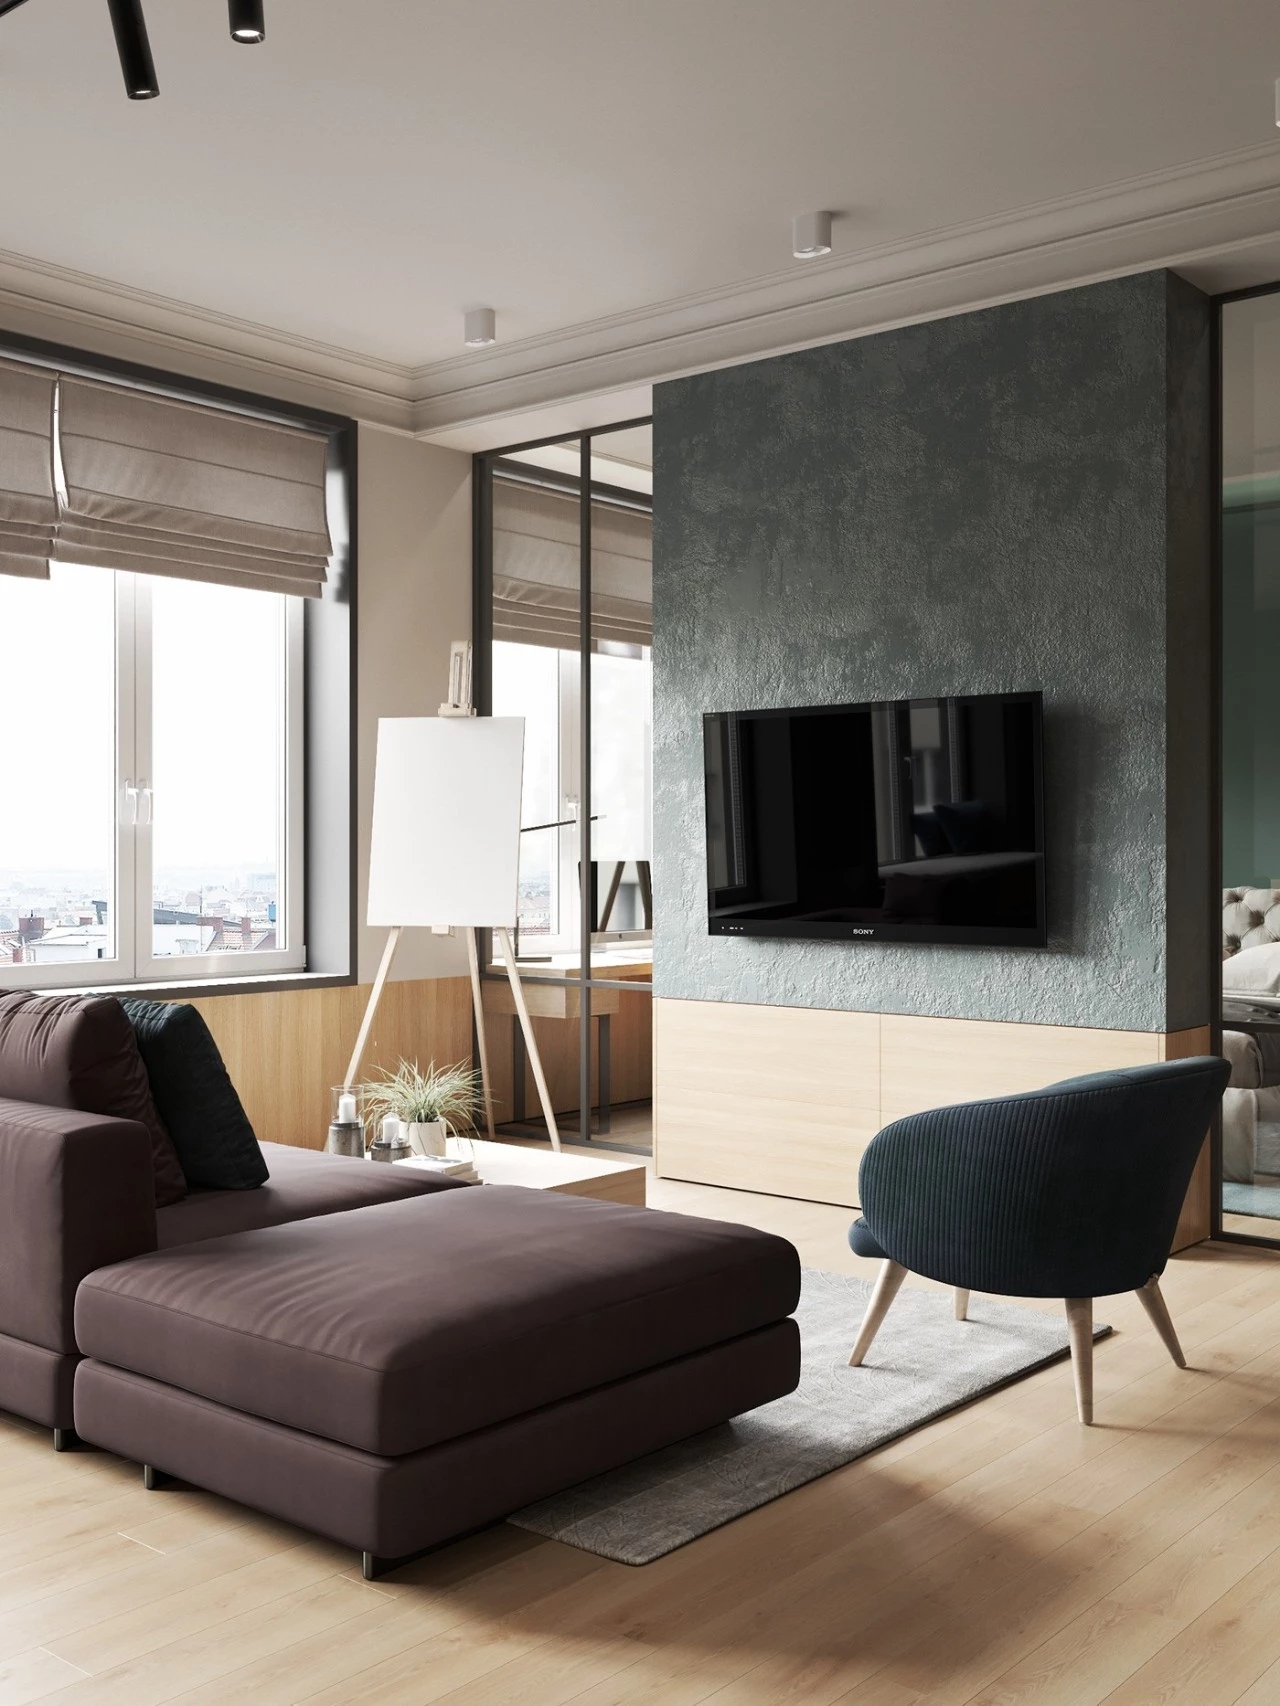 66平米公寓客厅电视墙装修效果图